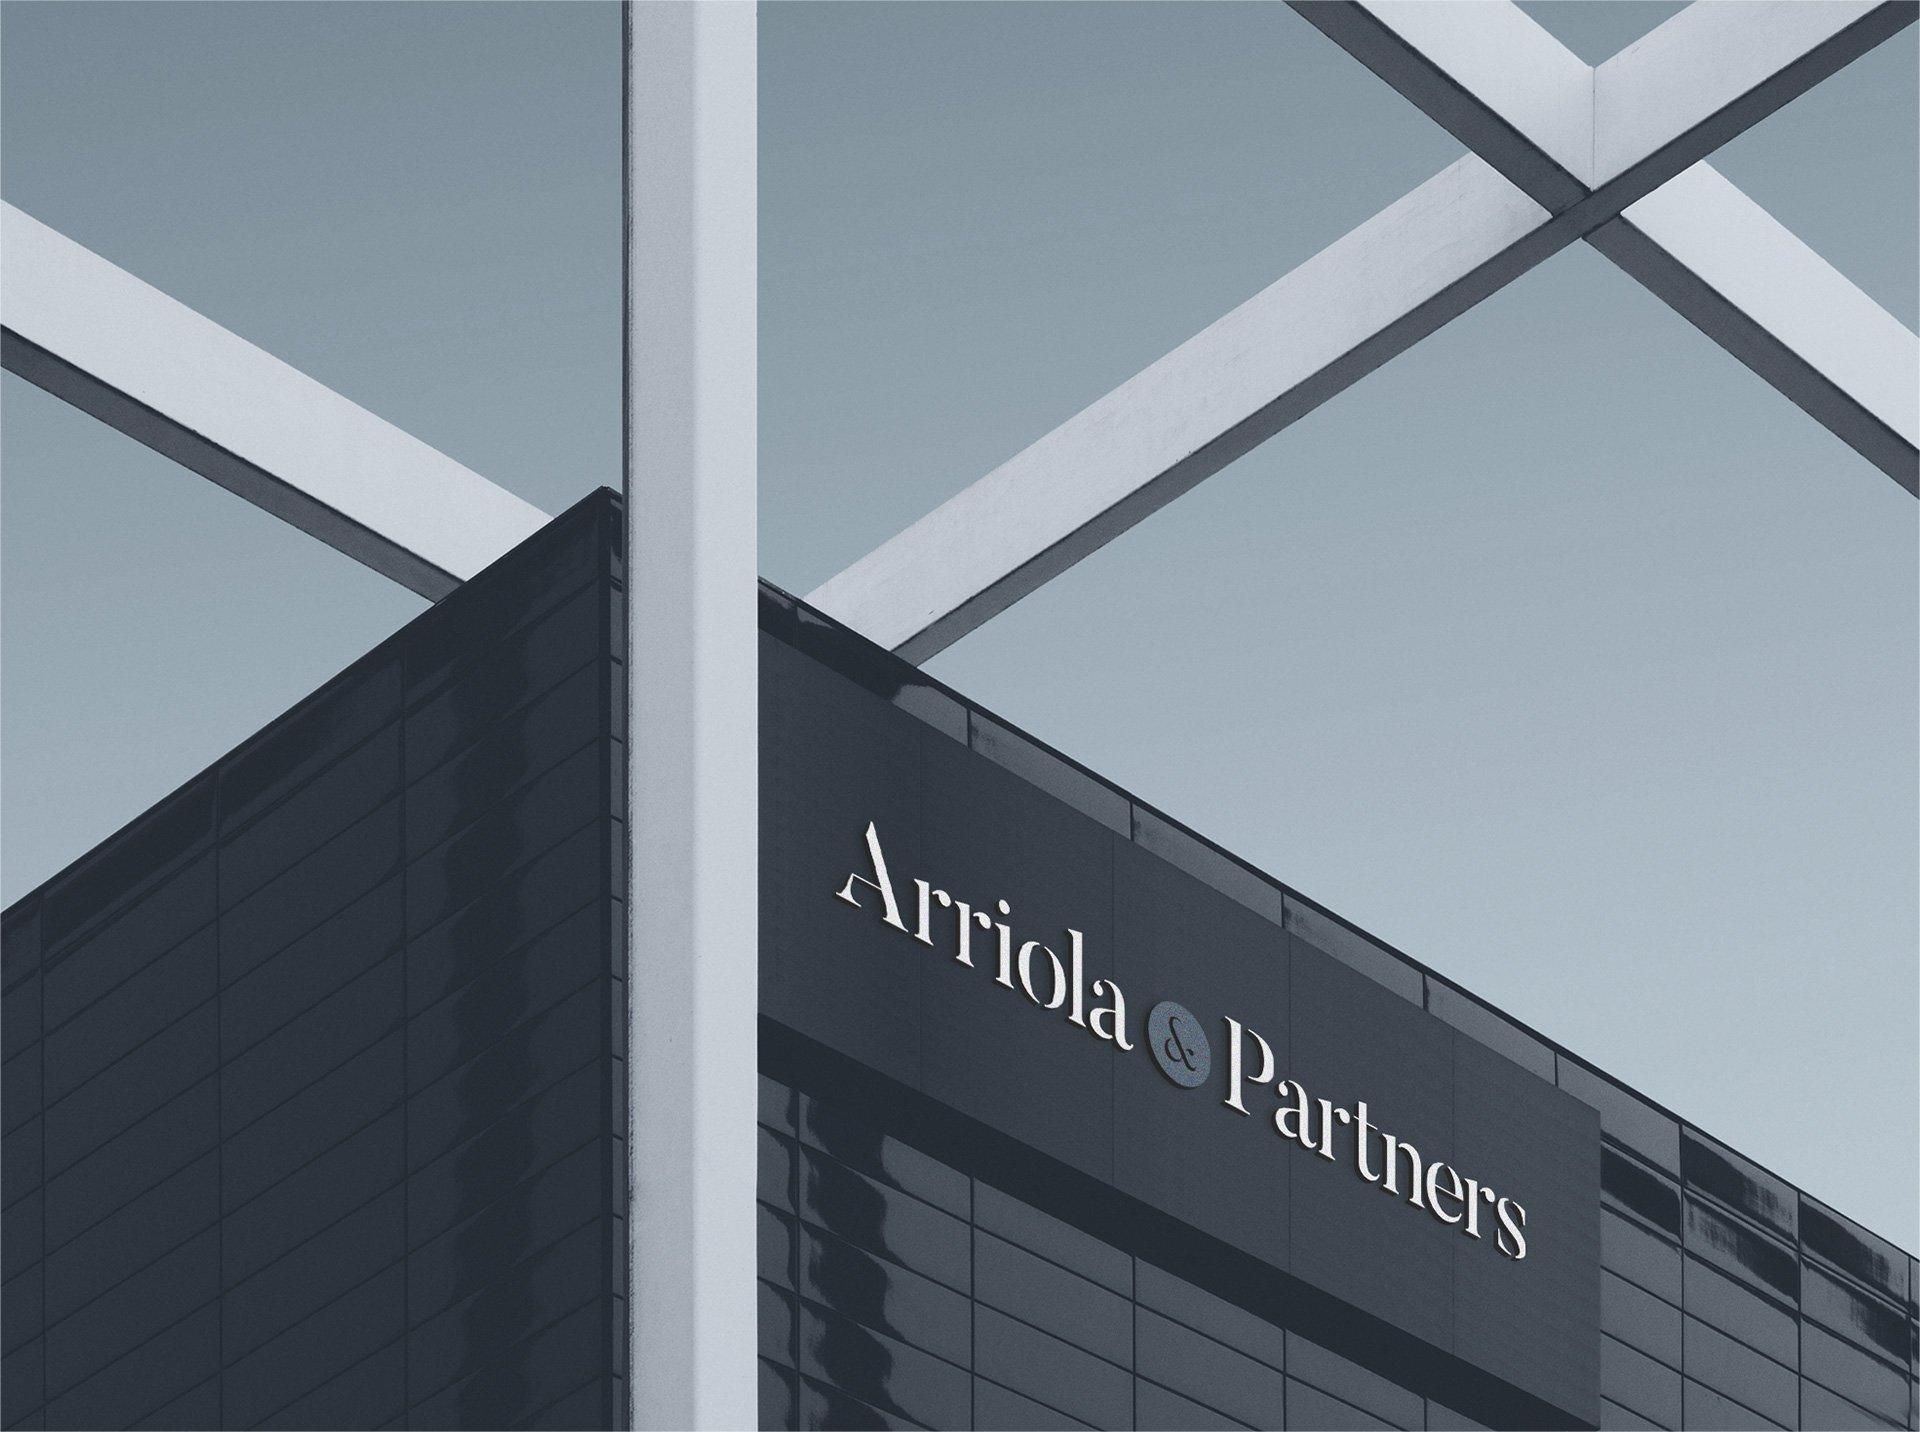 diseño-grafico-la-linea-agencia-adhoc